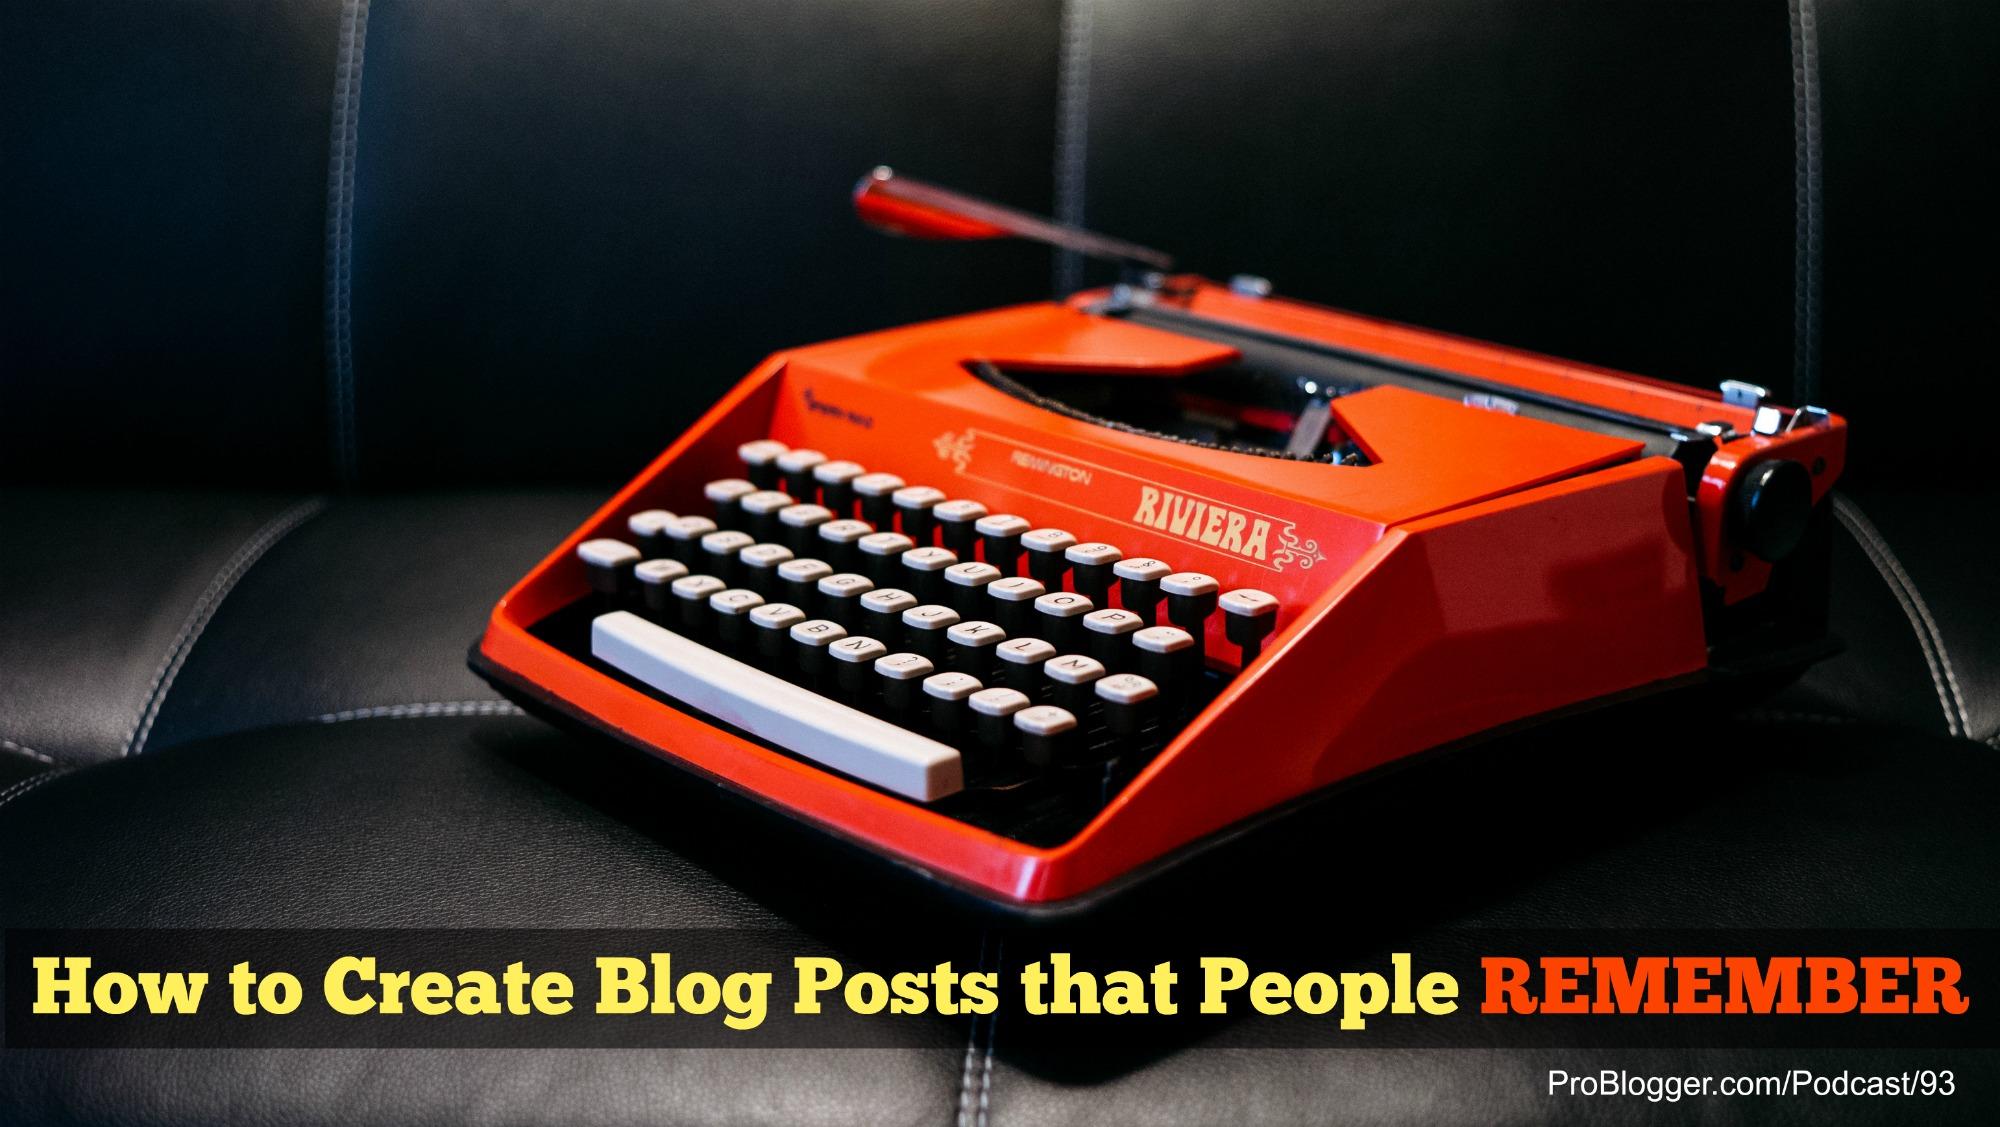 Memorable Blog Posts